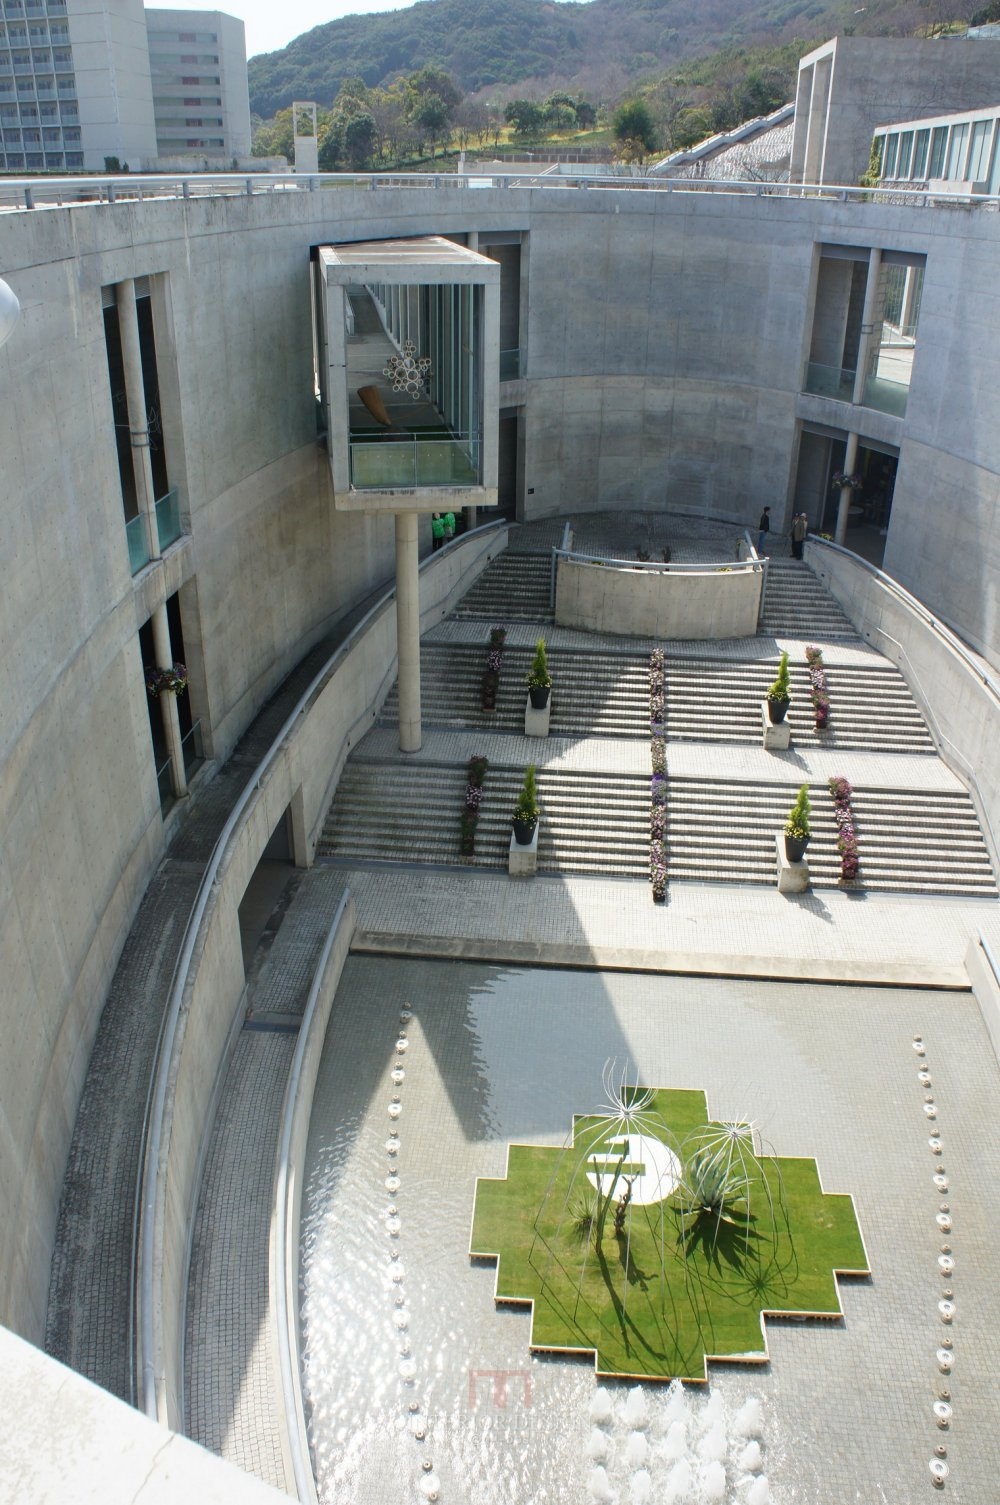 #伙伴一起看日本#  日本设计考察分享(更新美秀美术馆)_DSC05786.JPG